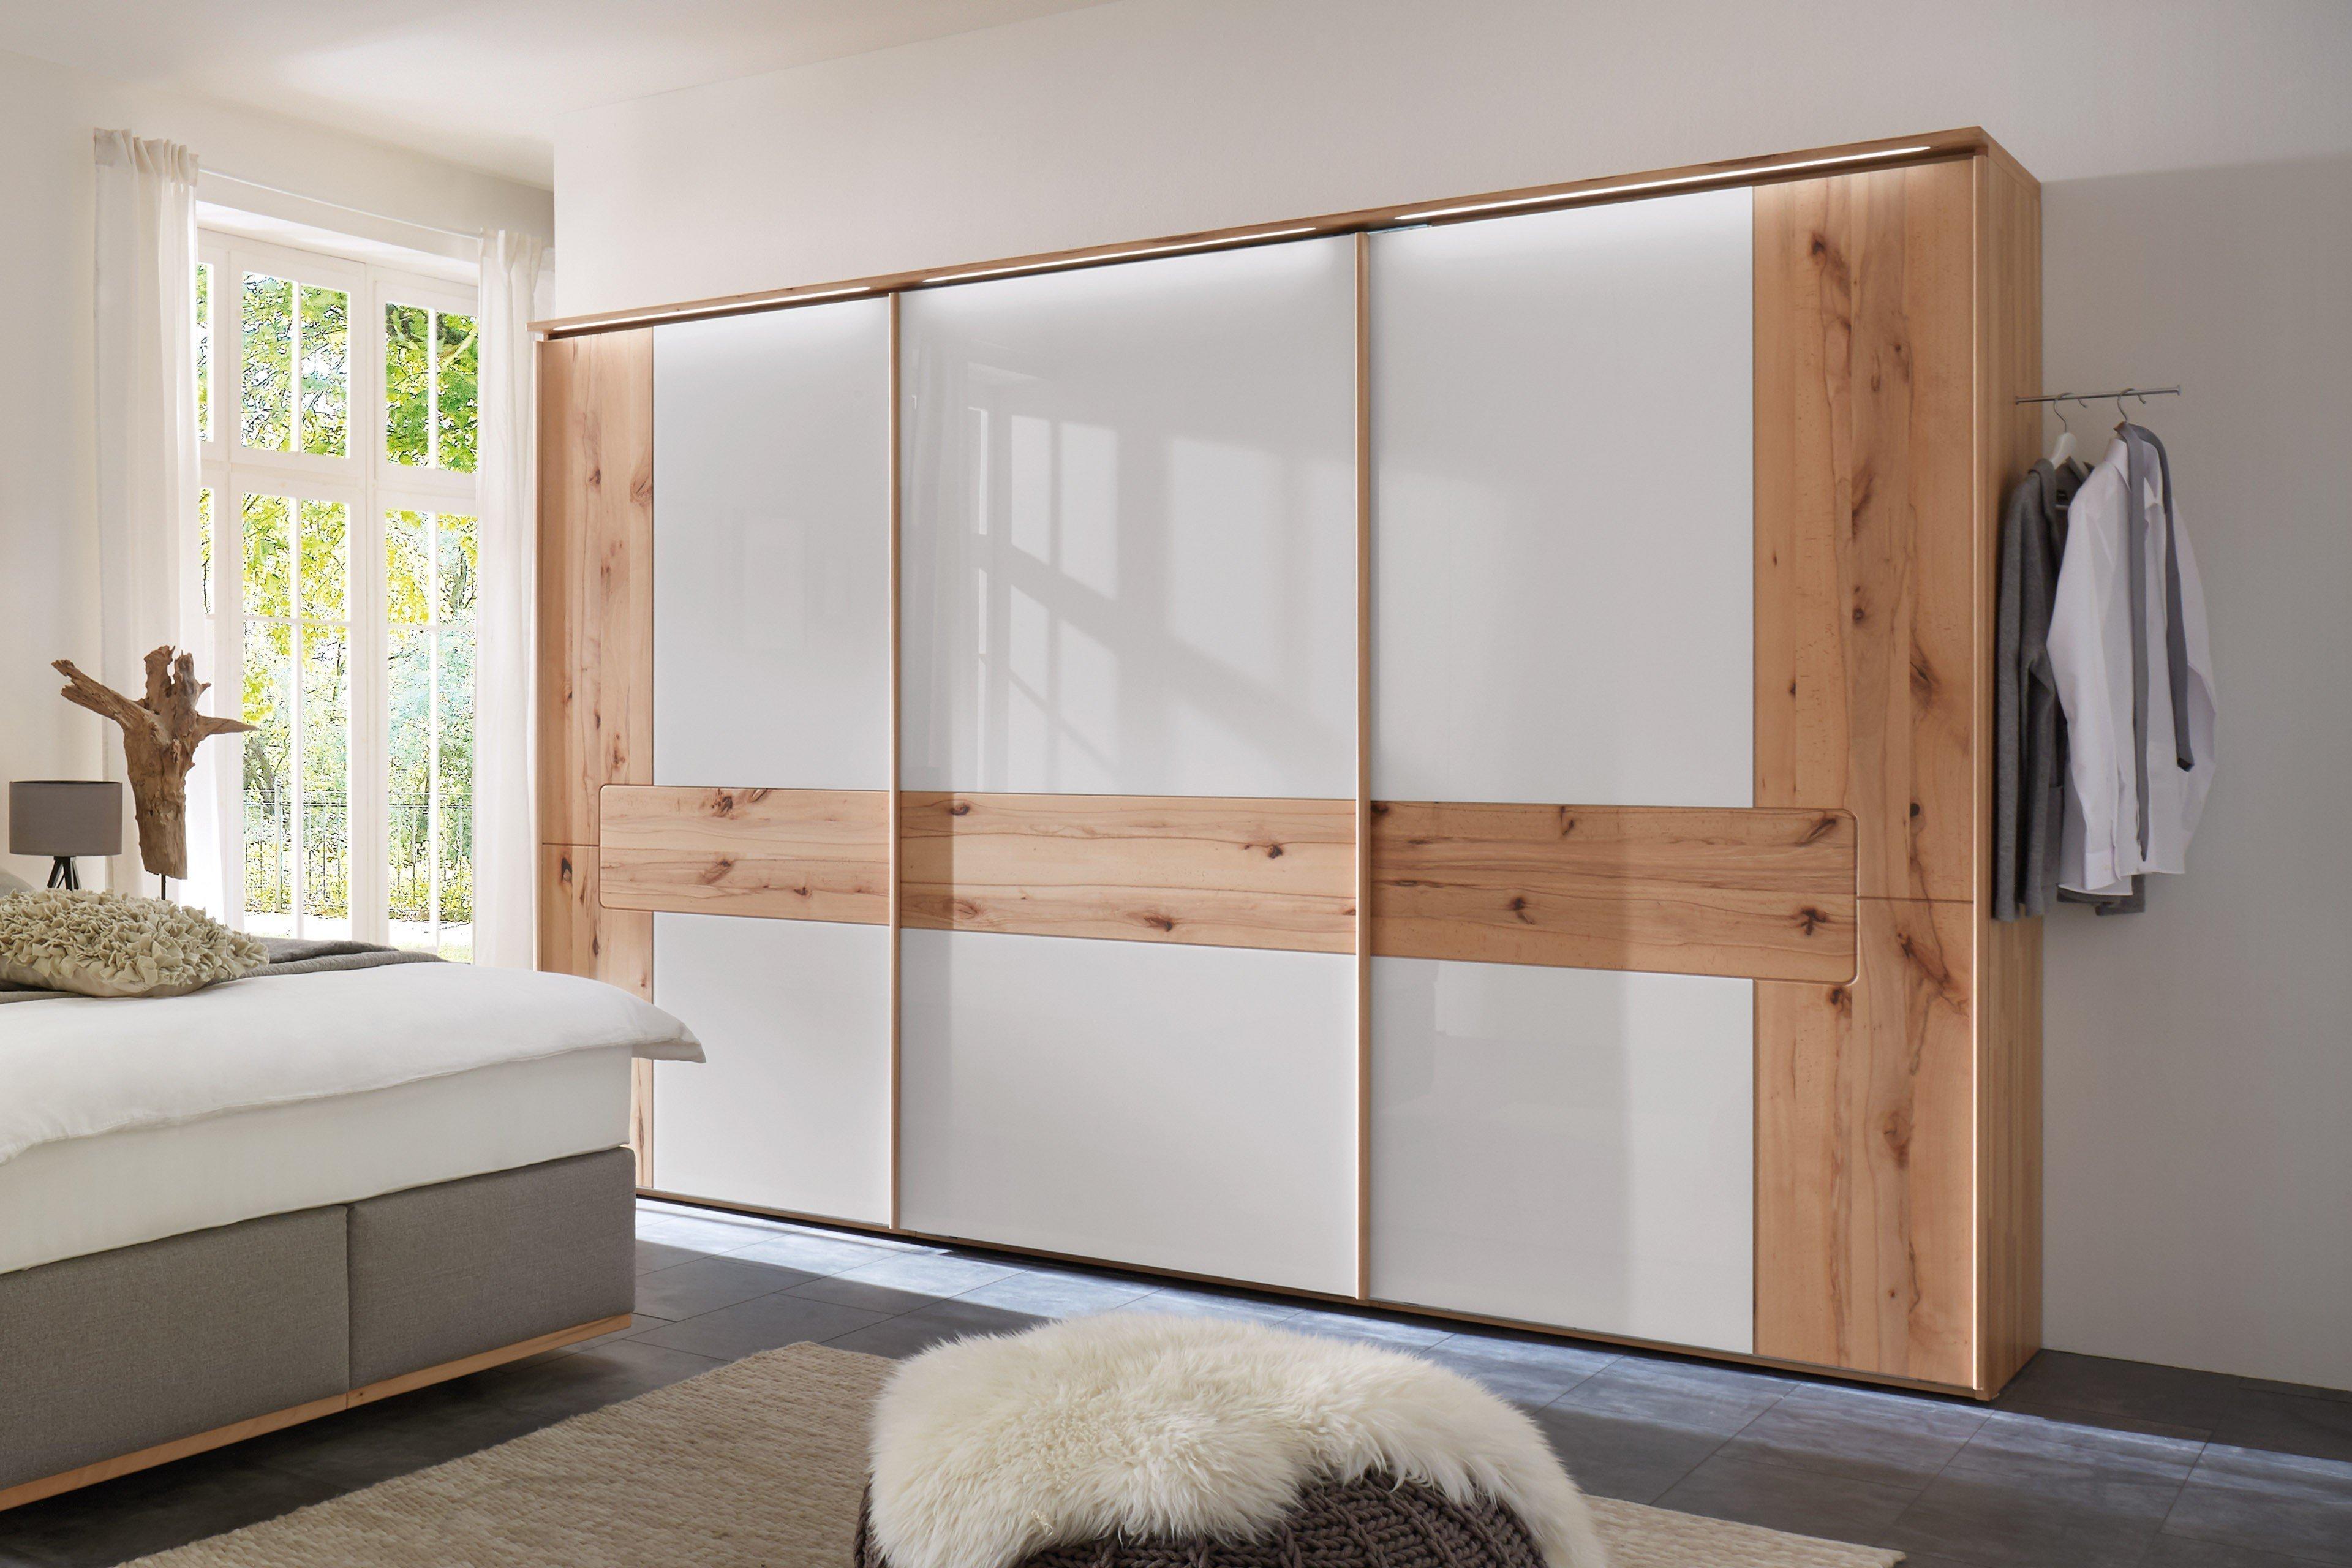 kleiderschrank w stmann wsm 1900 kernbuche m bel letz ihr online shop. Black Bedroom Furniture Sets. Home Design Ideas